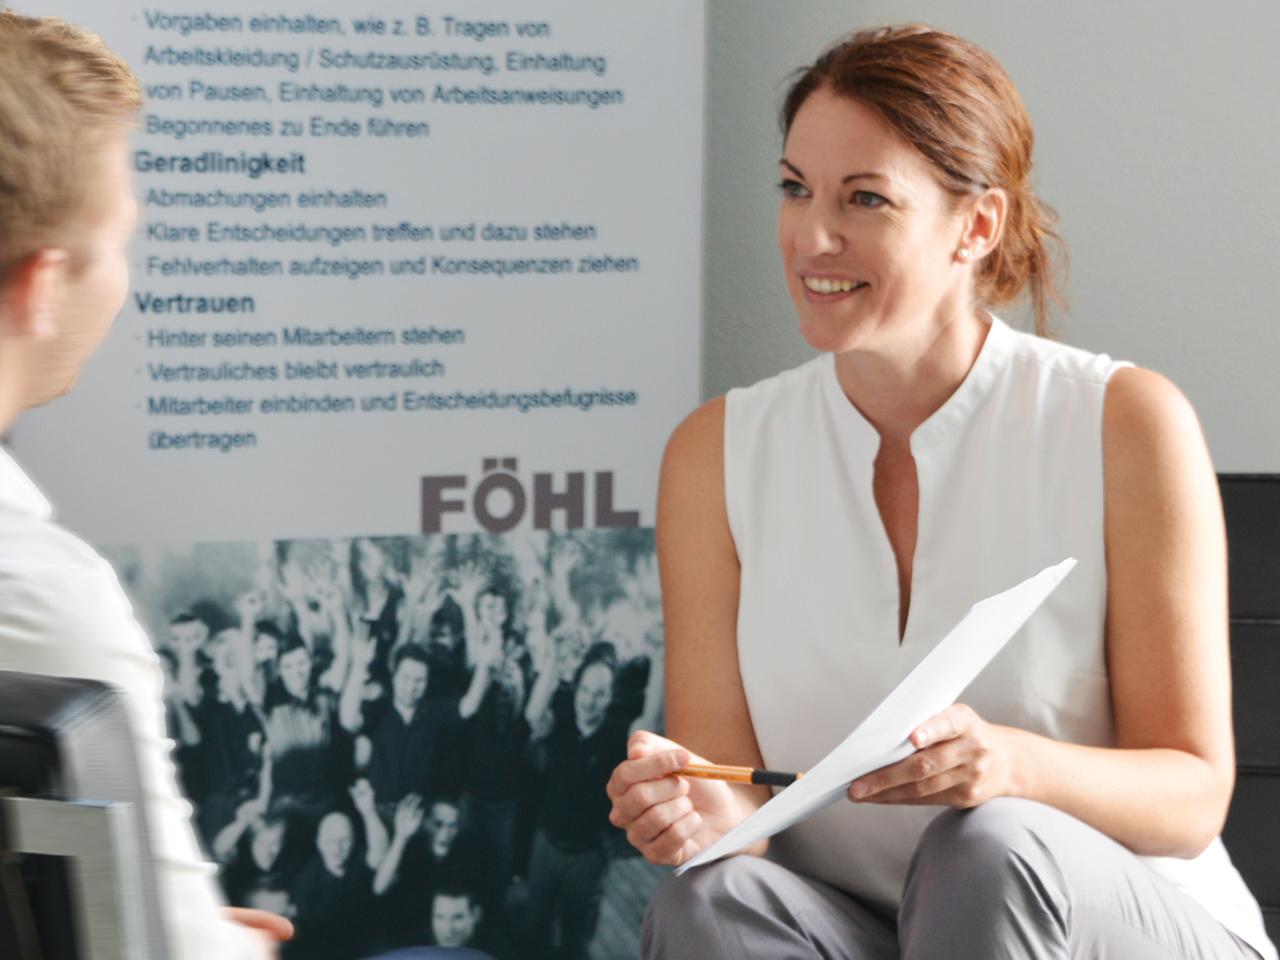 Adolf Föhl GmbH: Betriebliches Sozialmanagement